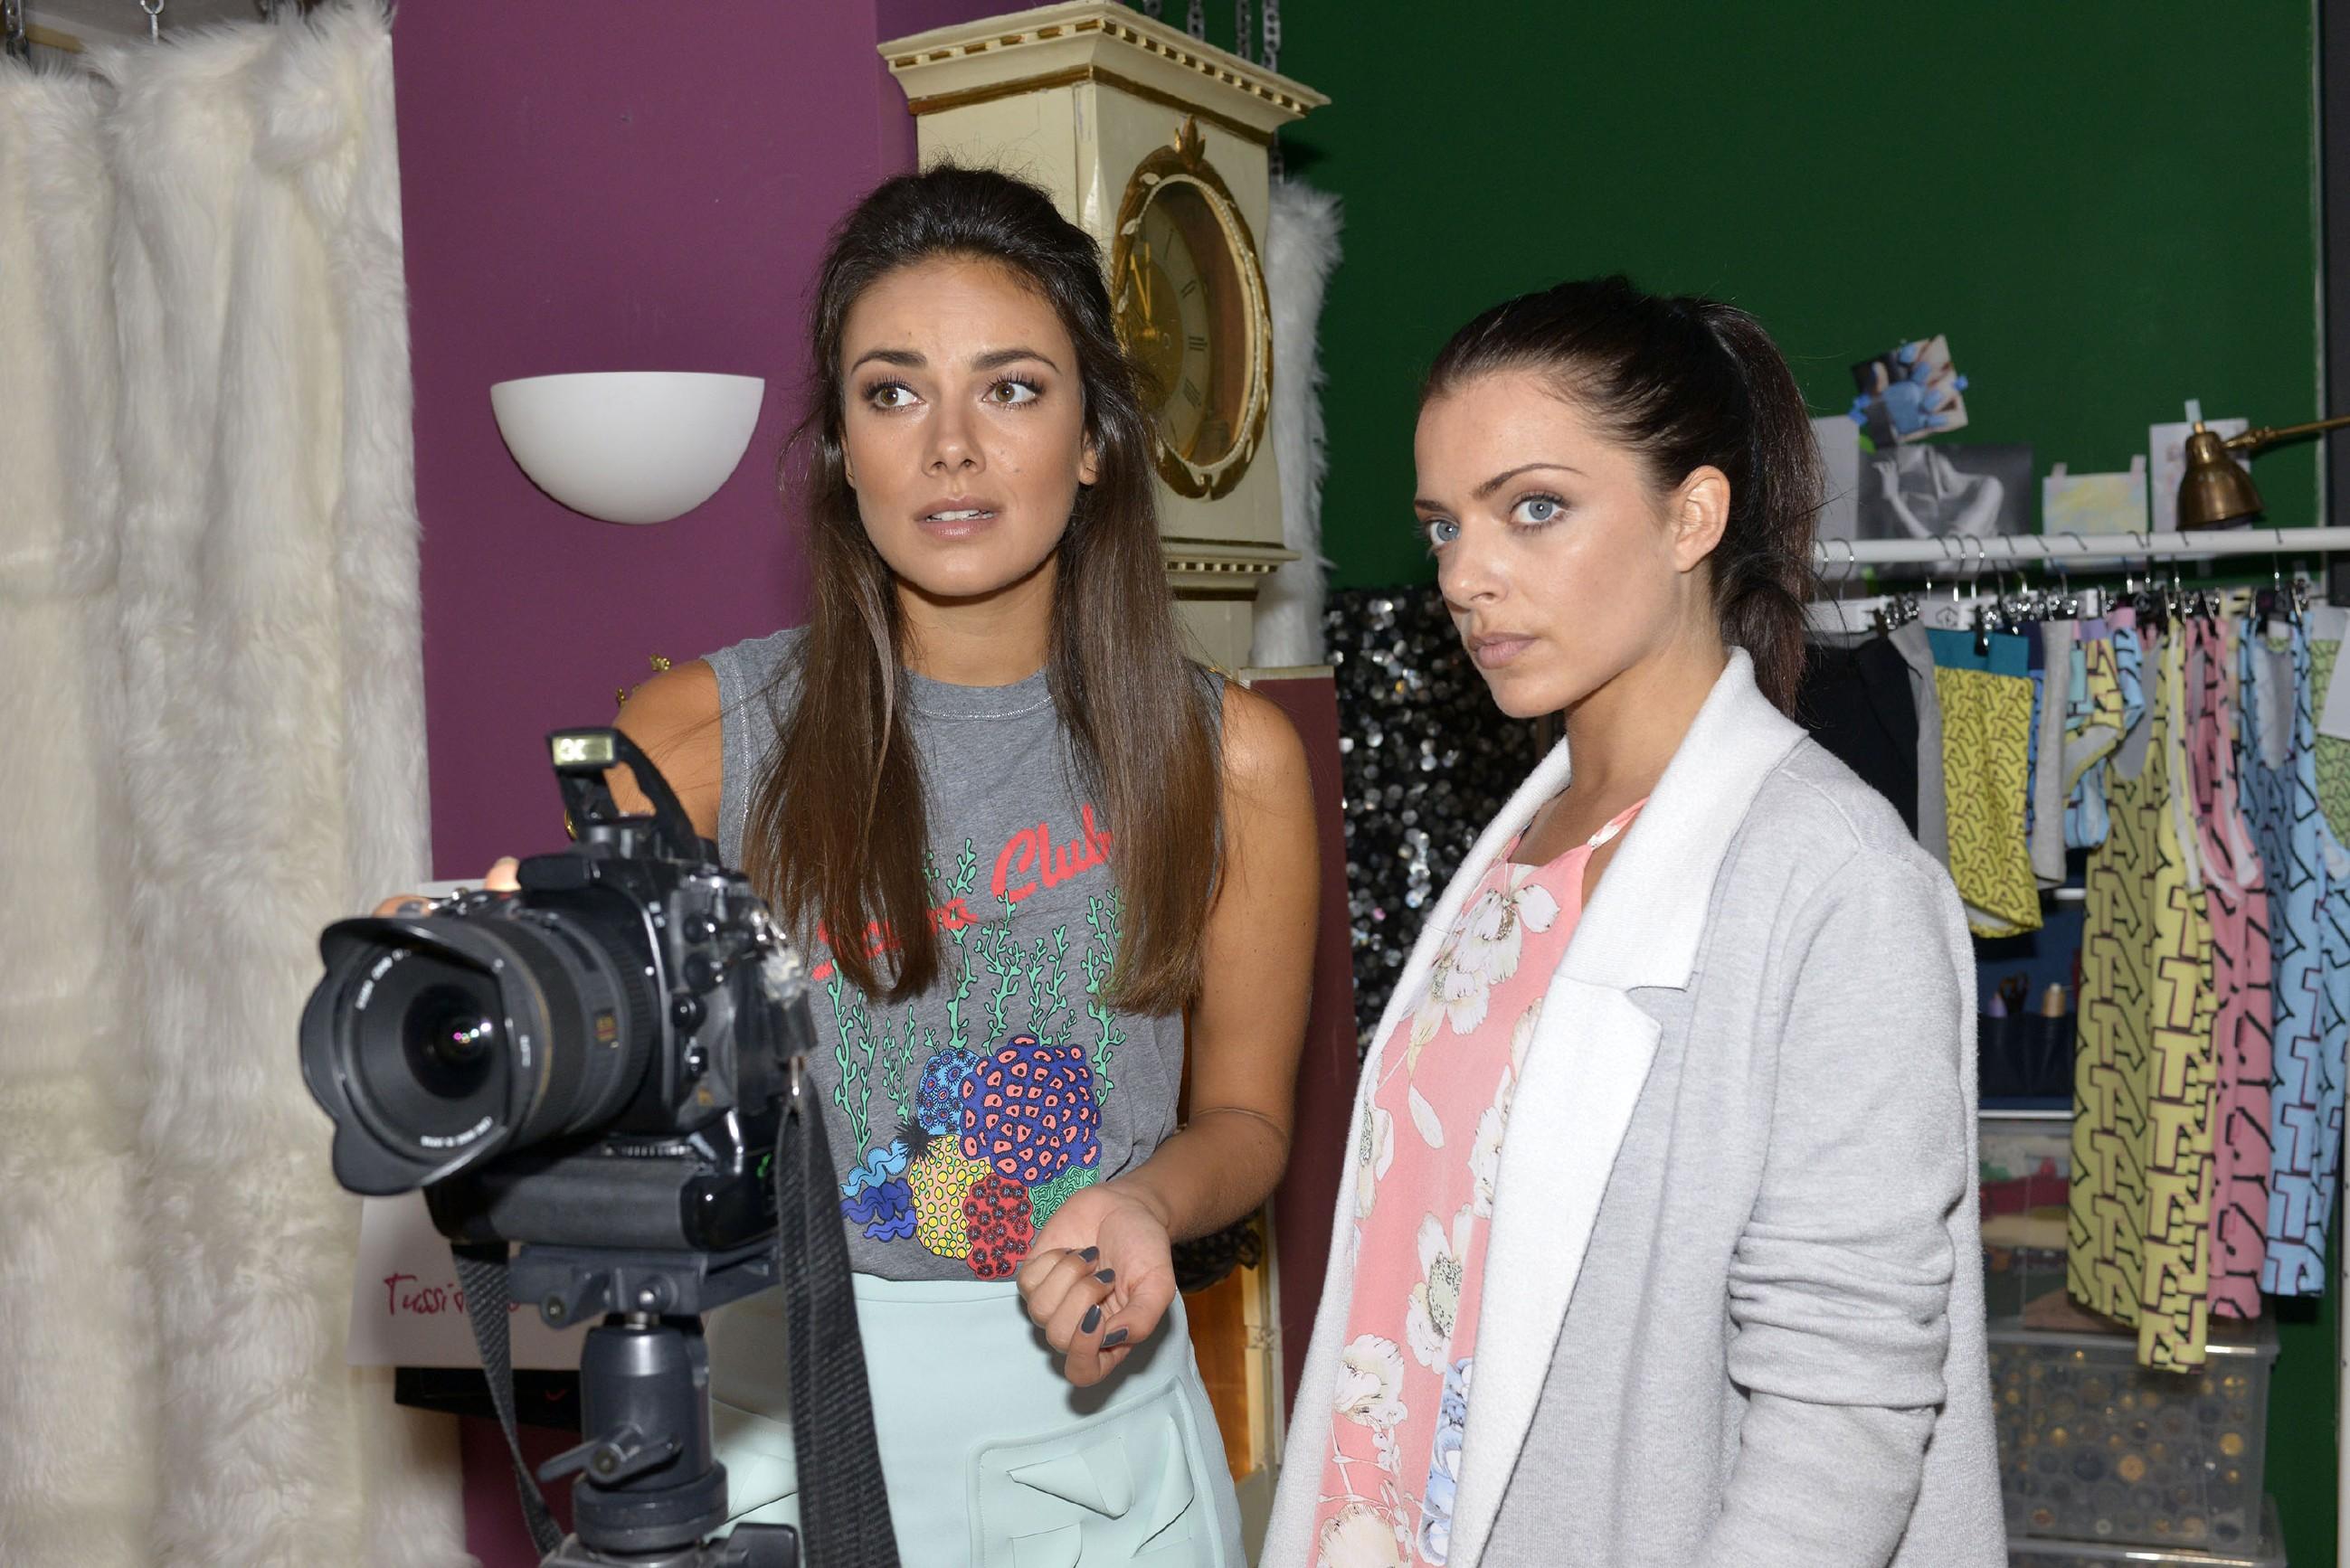 Im Gegensatz zu Jasmin (Janina Uhse, l.) zweifelt Emily (Anne Menden) an der Professionalität von ihrem neuen Model Milo.